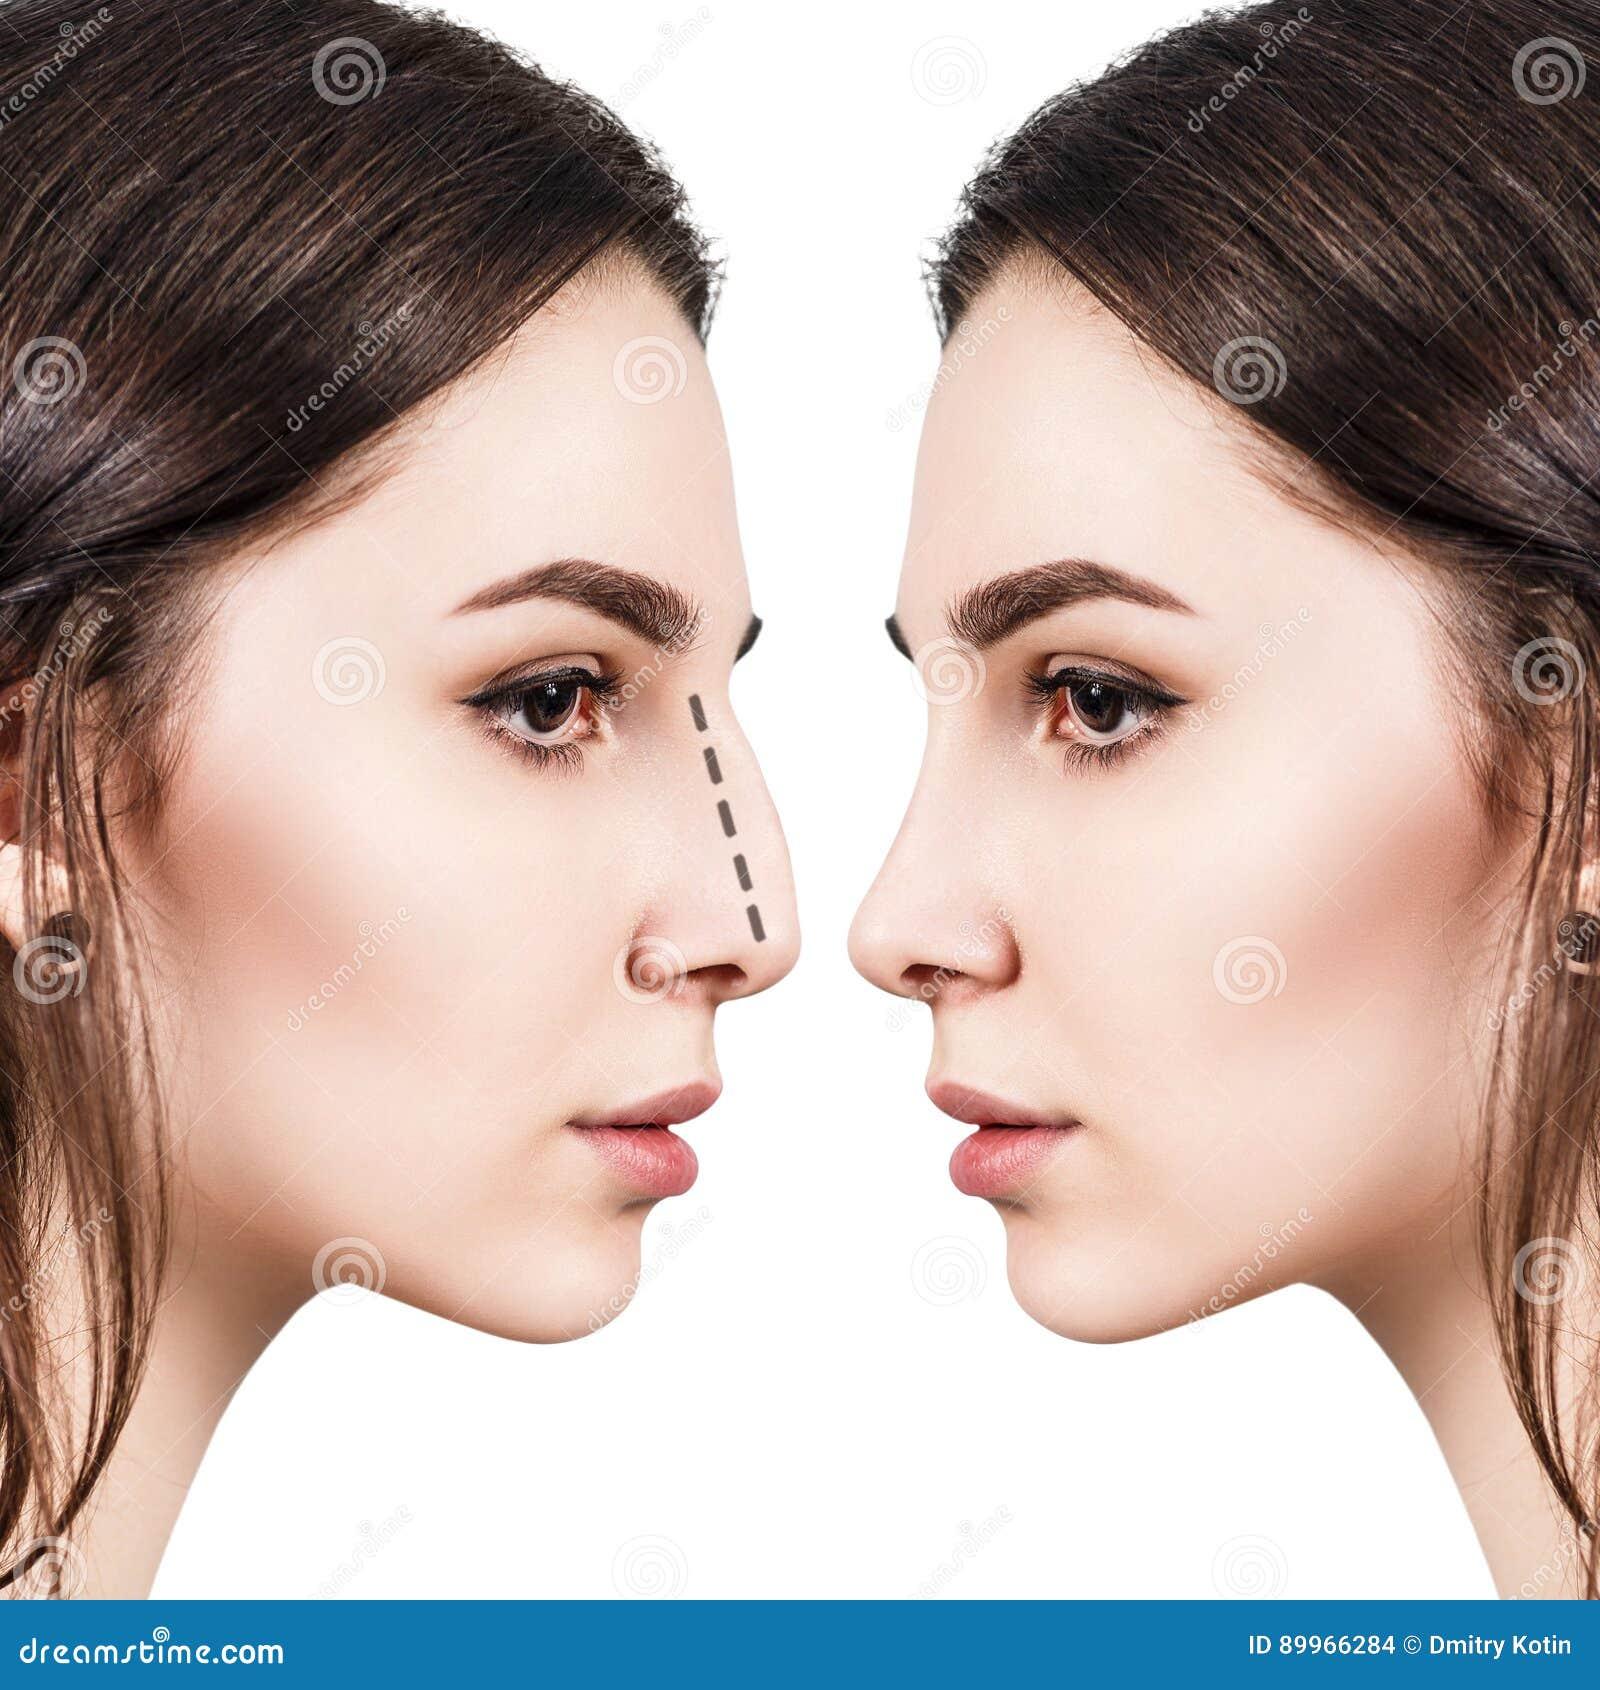 nez femelle avant et apr s la chirurgie esth tique photo stock image 89966284. Black Bedroom Furniture Sets. Home Design Ideas